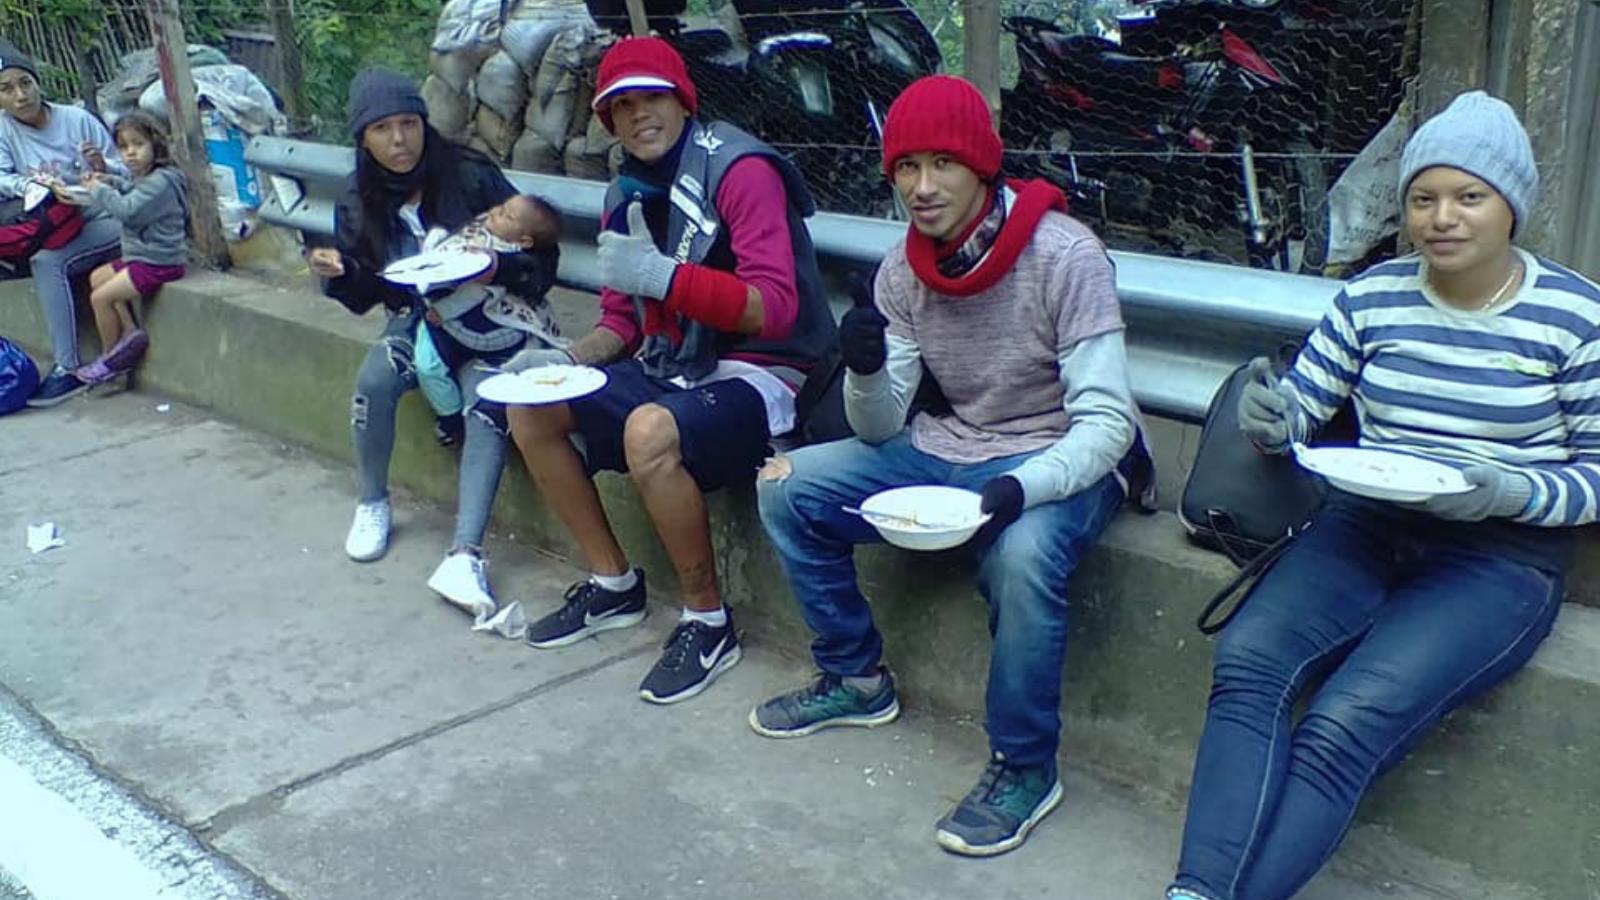 Alerta: 400 caminantes al día en la ruta Cúcuta - Pamplona